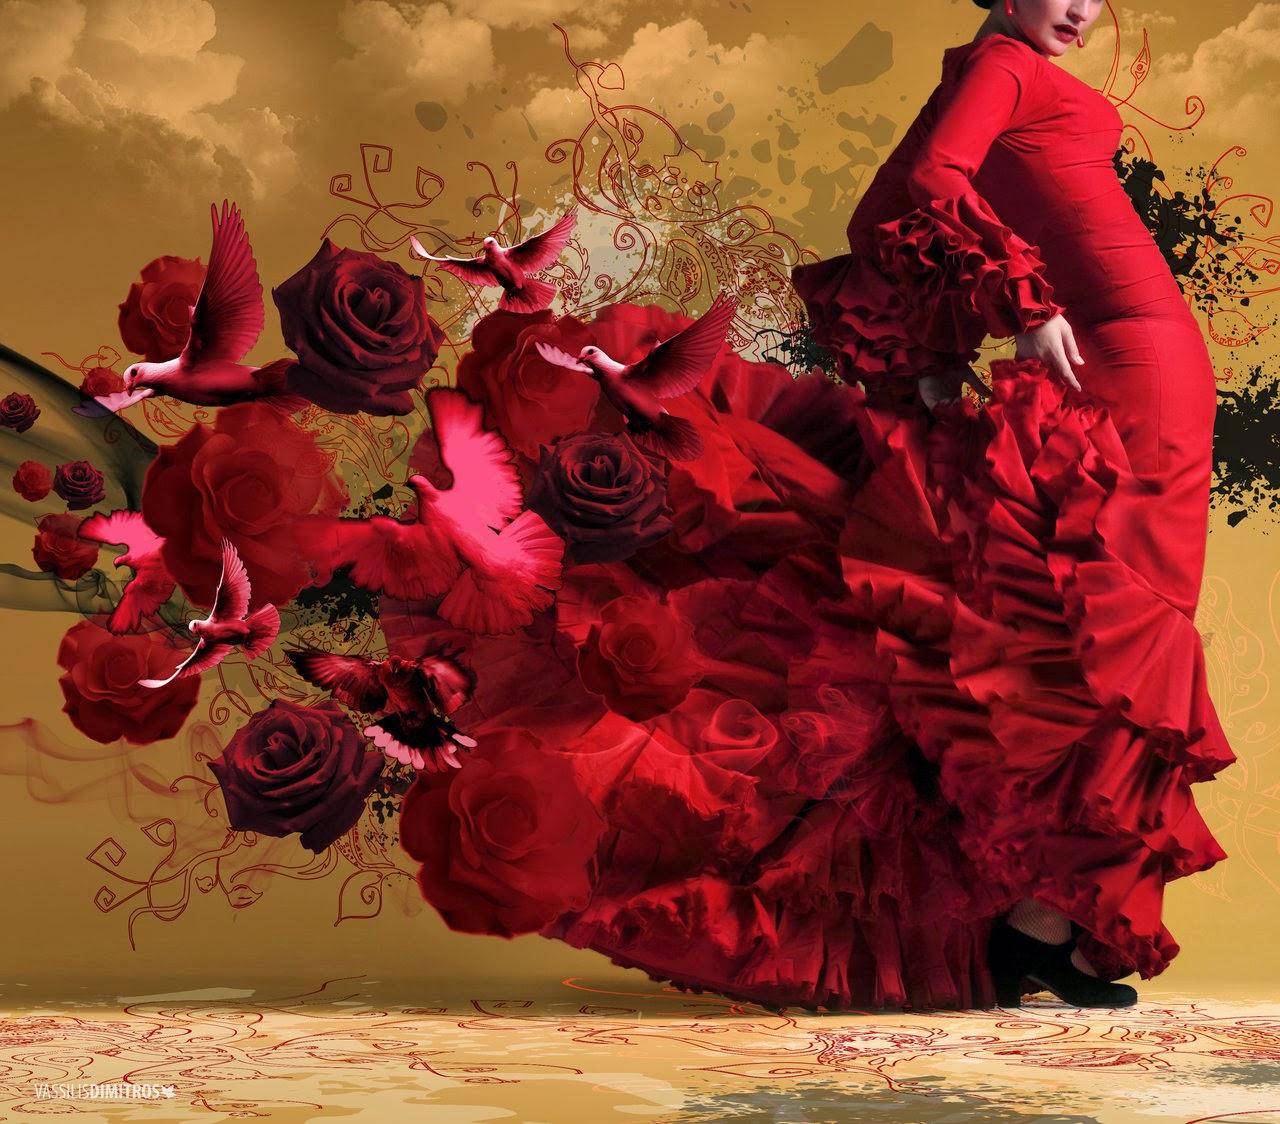 Carnaval, Música Cigana, Música Flamenca, Paco de Lucia Forever, VALÉRIA MILANÊS, fantasia